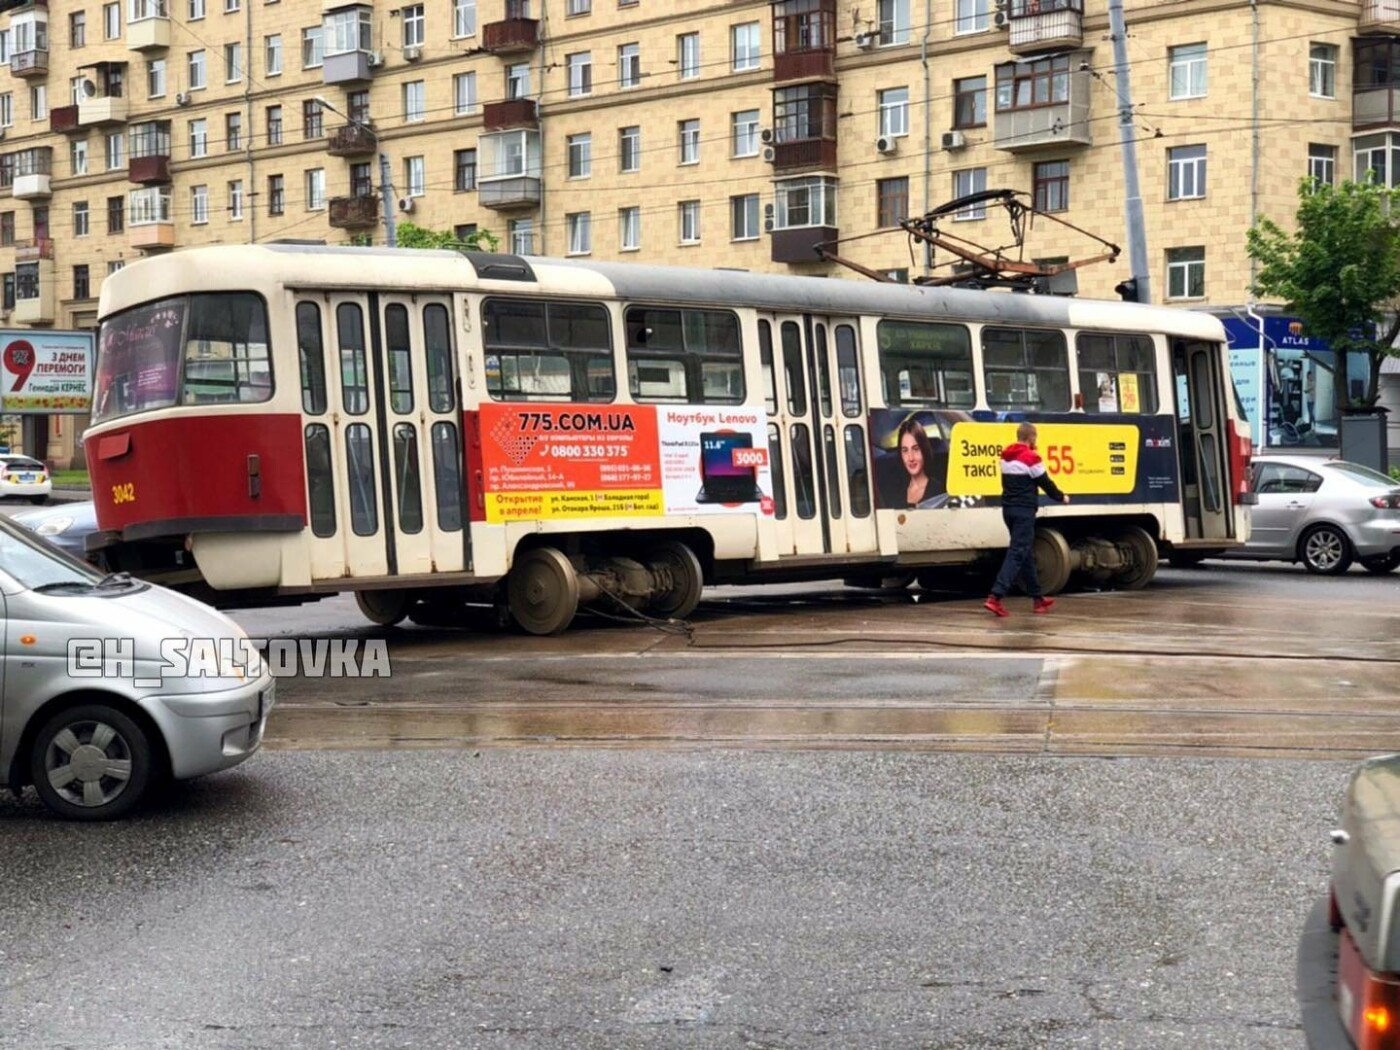 """В Харькове водитель """"Тoyota"""" протаранил трамвай. От удара вагон снесло с рельсов, - ФОТО, фото-3"""